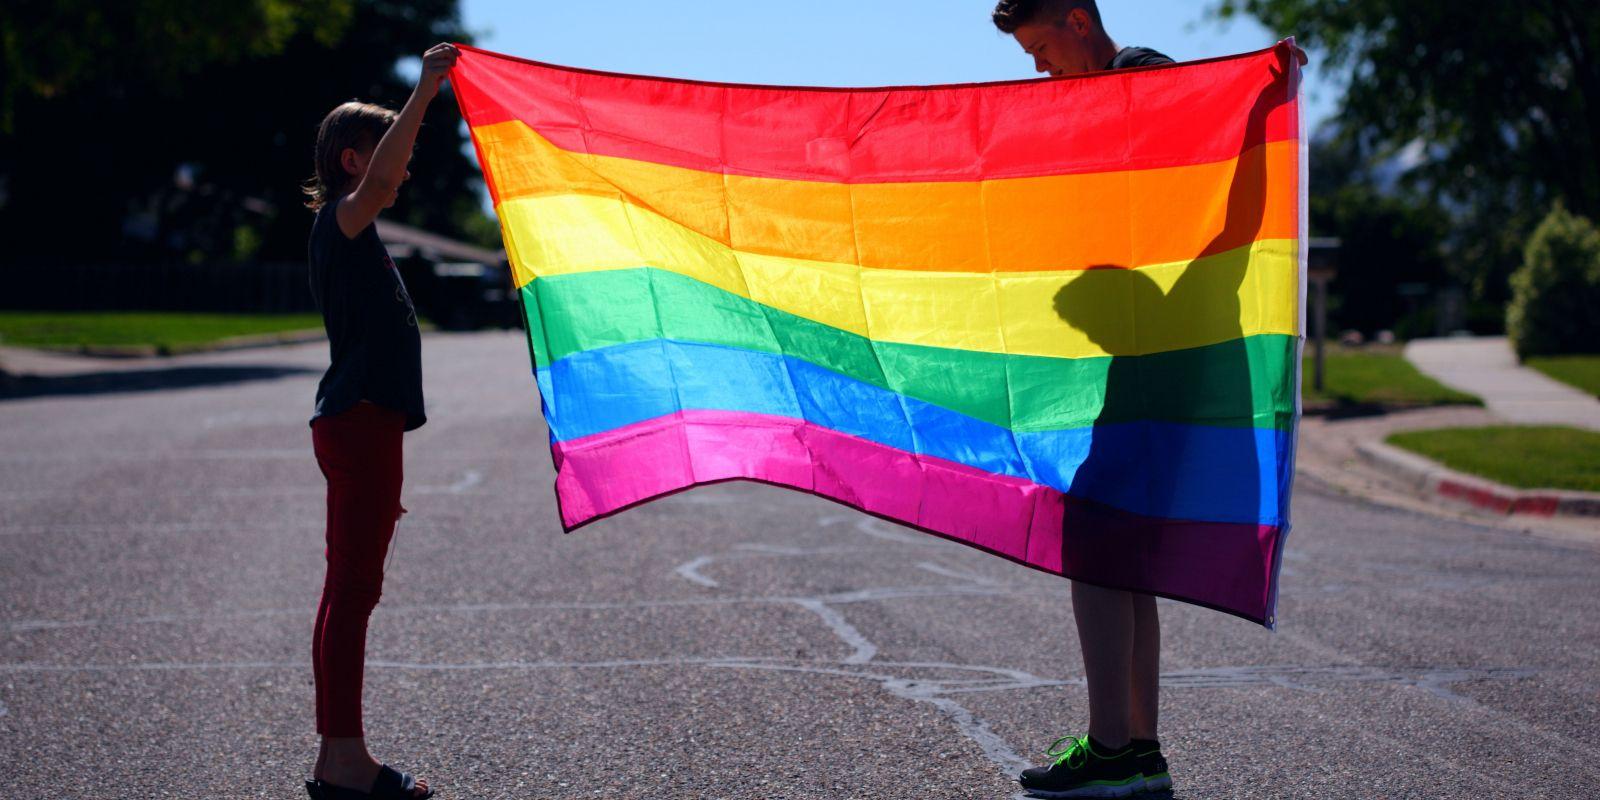 Les activitats pel Dia de l'Alliberament LGTBIQ+ impliquen diferents grups d'edat | Sharon McCutcheon